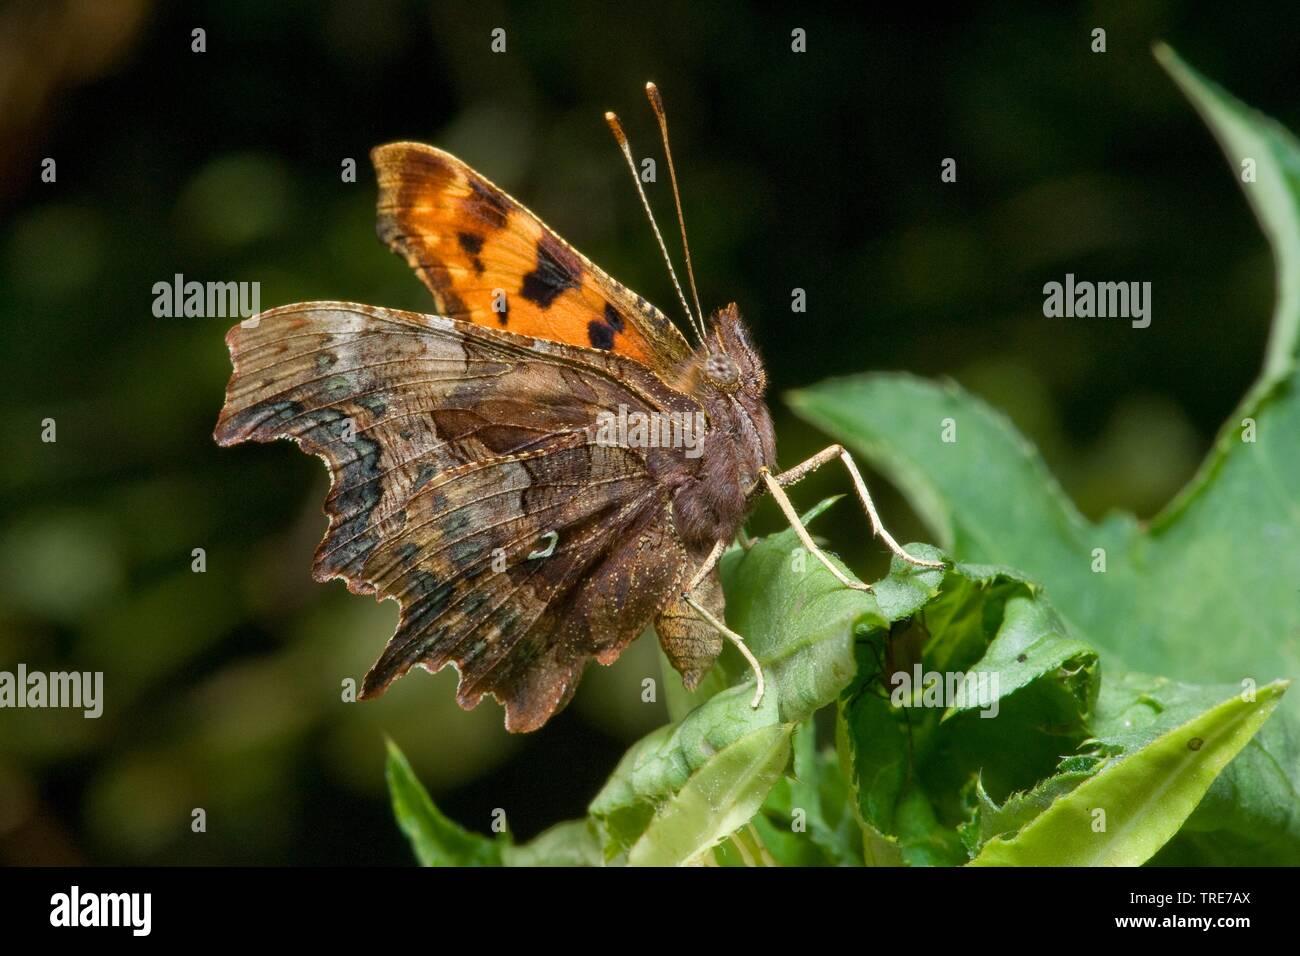 C-Falter, Weisses C, C-Fuchs (Polygonia c-album, Comma c-album, Nymphalis c-album), sitzt auf einem Blatt, Deutschland | comma (Polygonia c-album, Com - Stock Image